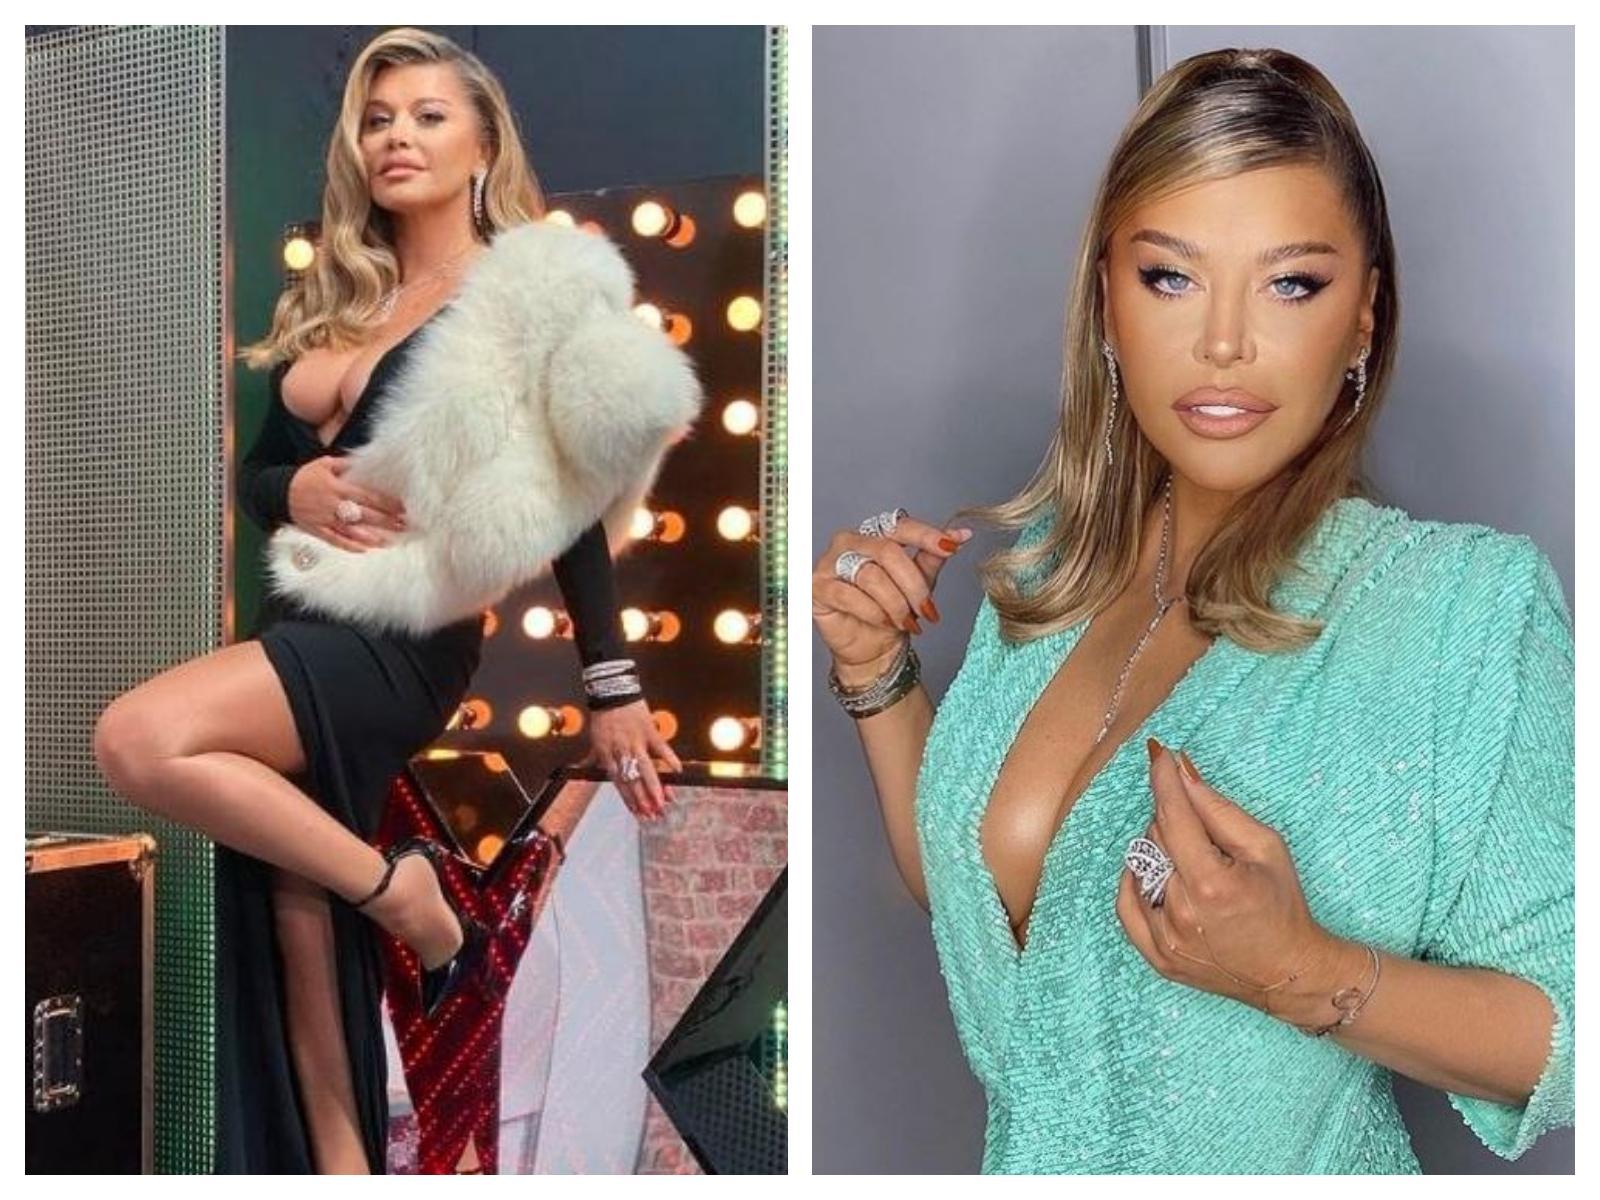 Colaj cu Loredana Groza de la X Factor 2020. Diva a purtat o rochie neagră, lungă, decoltată și una turcoise, cu mâneci trei sferturi